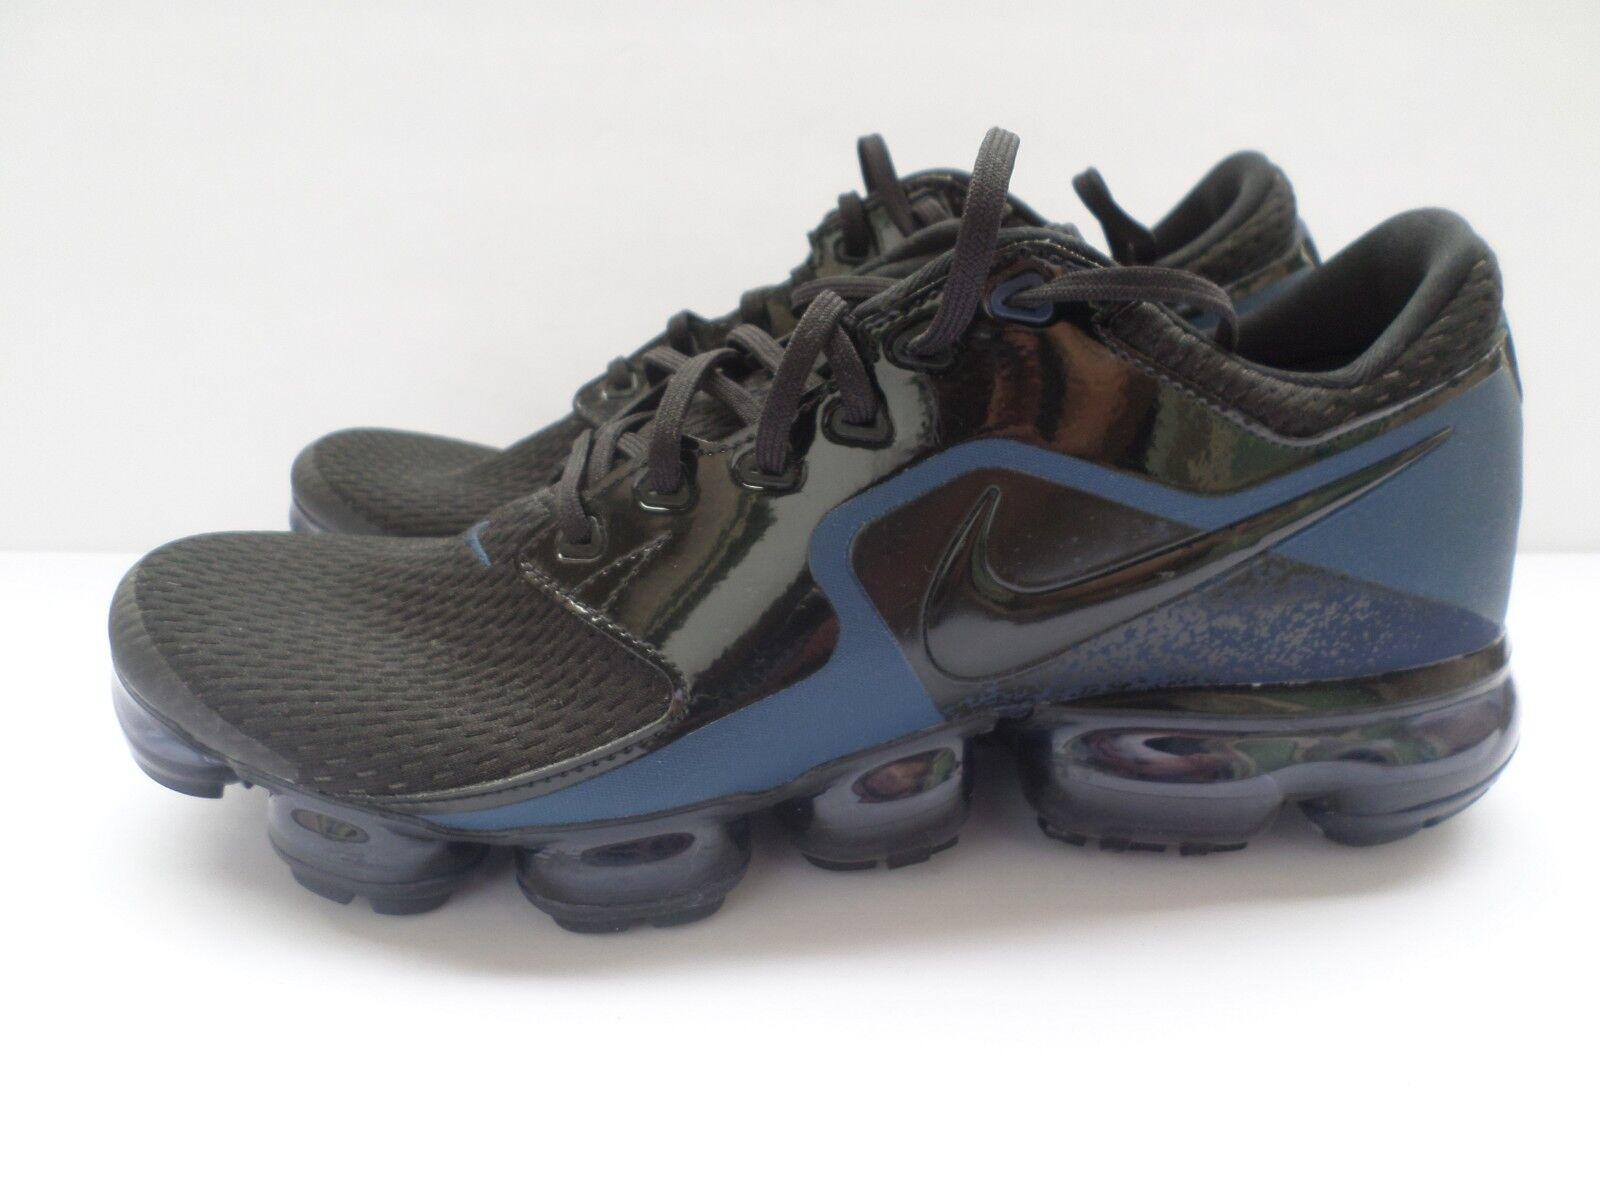 Nike air max vapormax mesh - aj1705-001 mens uns uns mens 11 new in box!keine kiste top e8a208